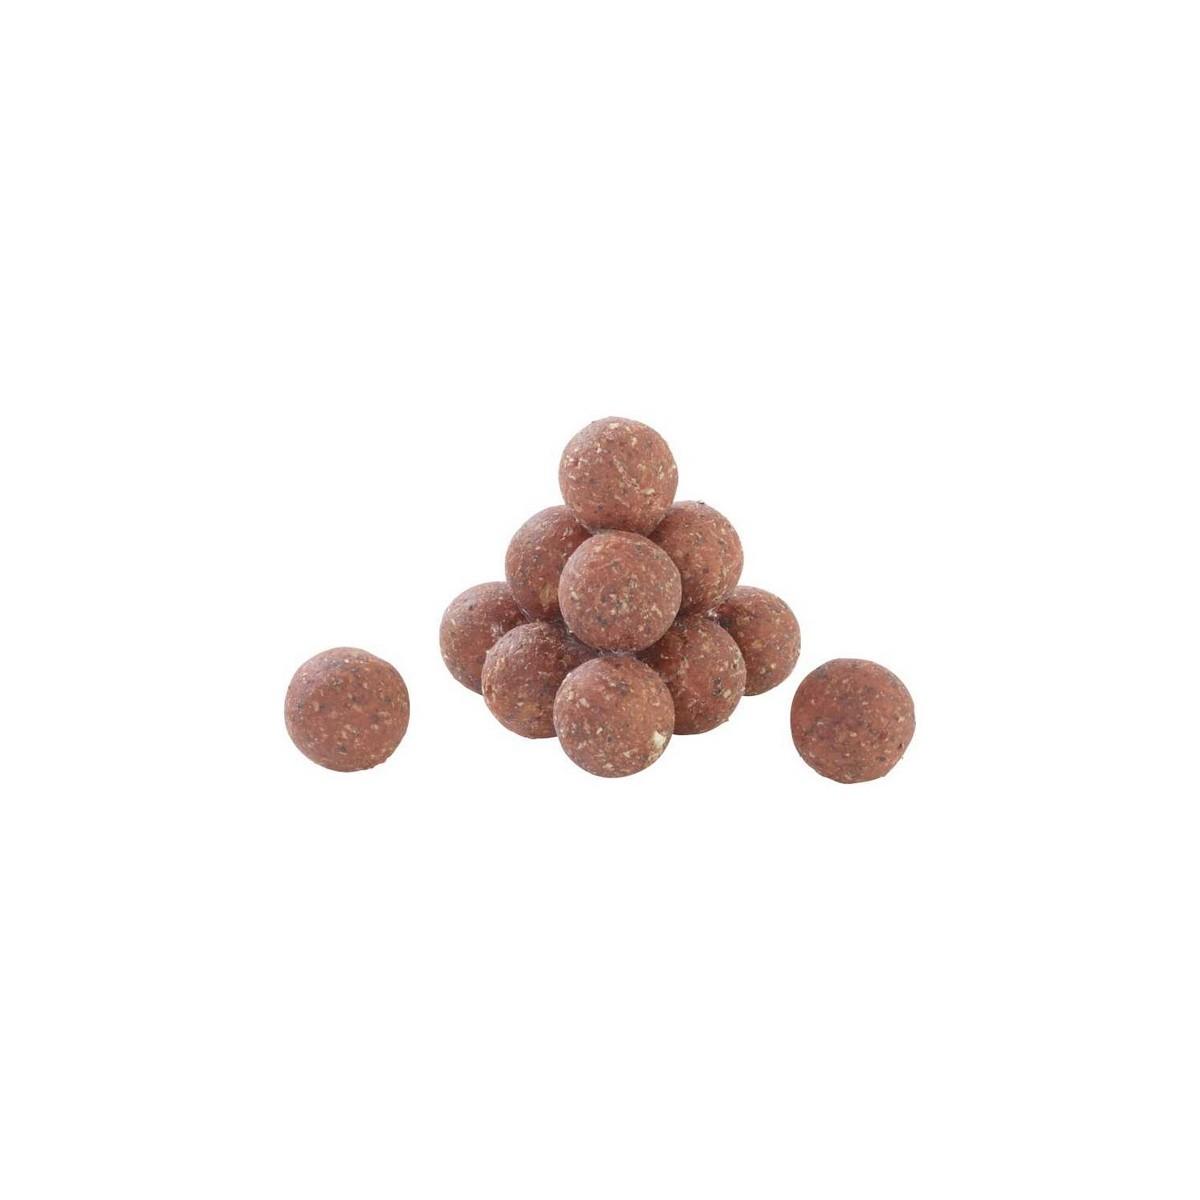 Pelzer One Shot Attract Boilies - протеинови топчета, ягода 2